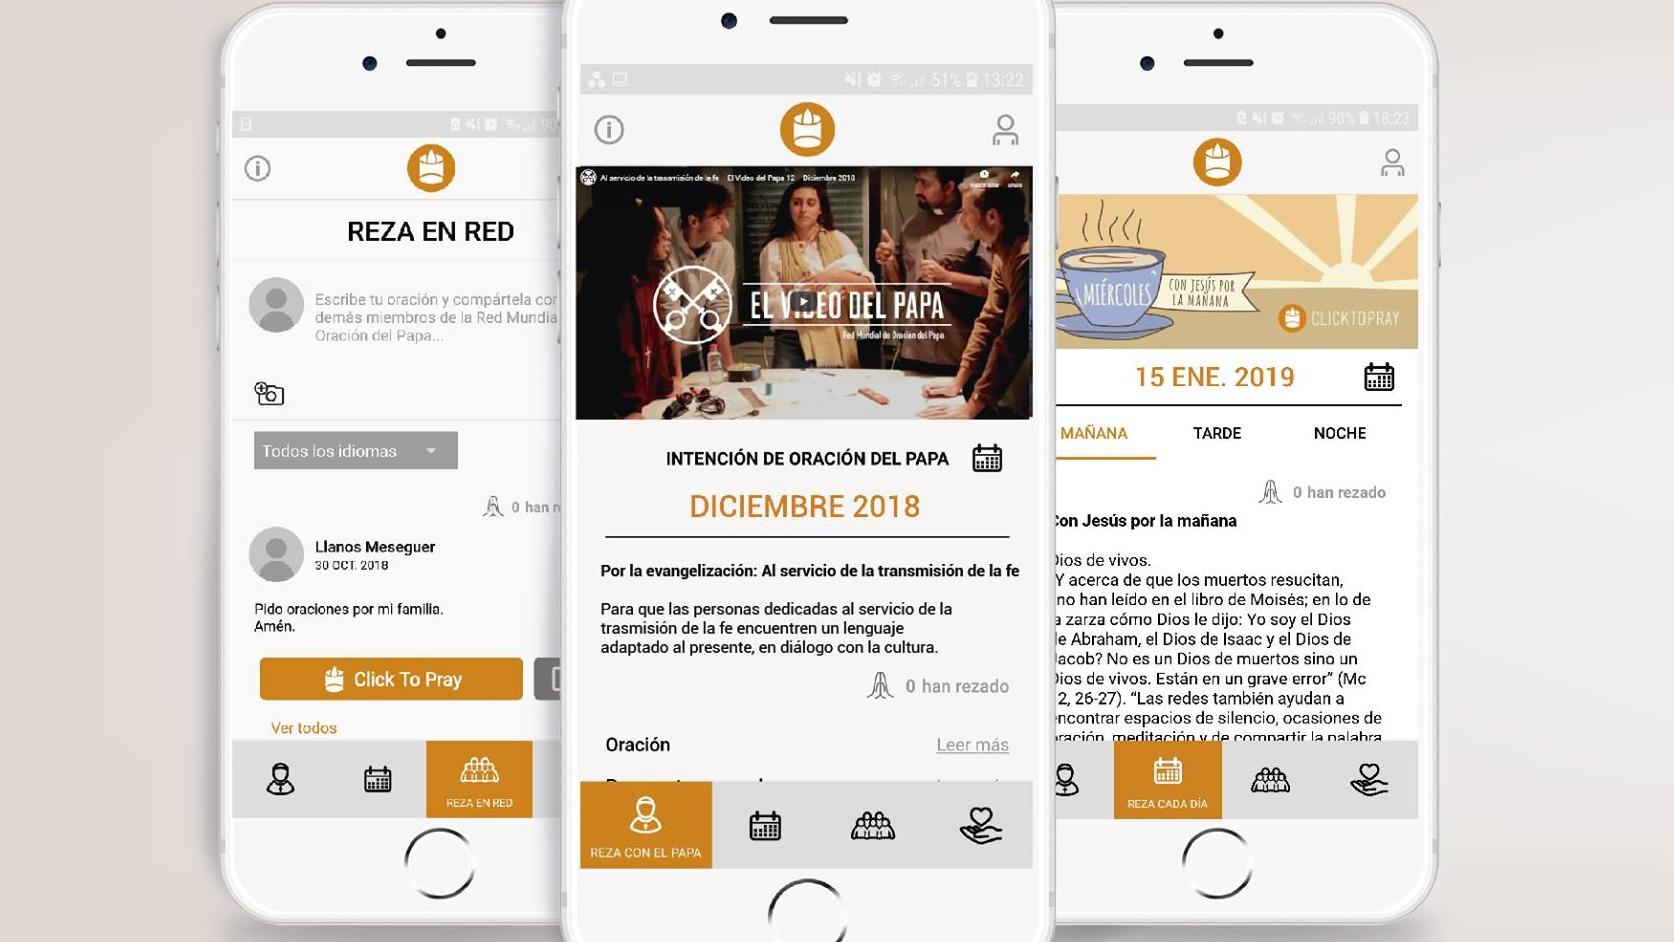 'Click to Pray', la aplicación que el papa Francisco publicita.